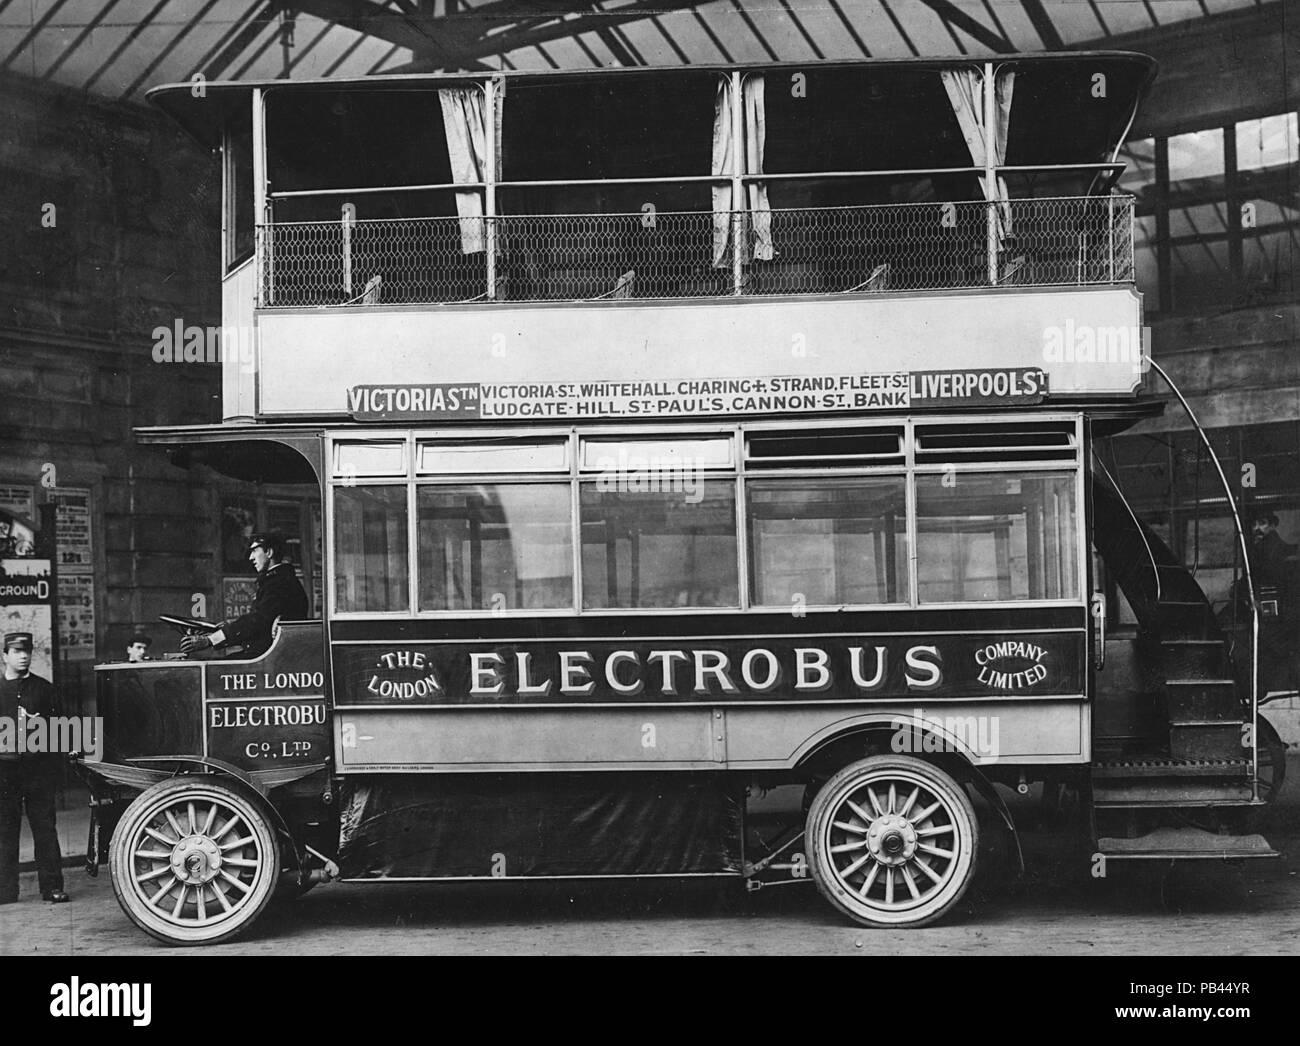 Electrobus 1909 - Stock Image